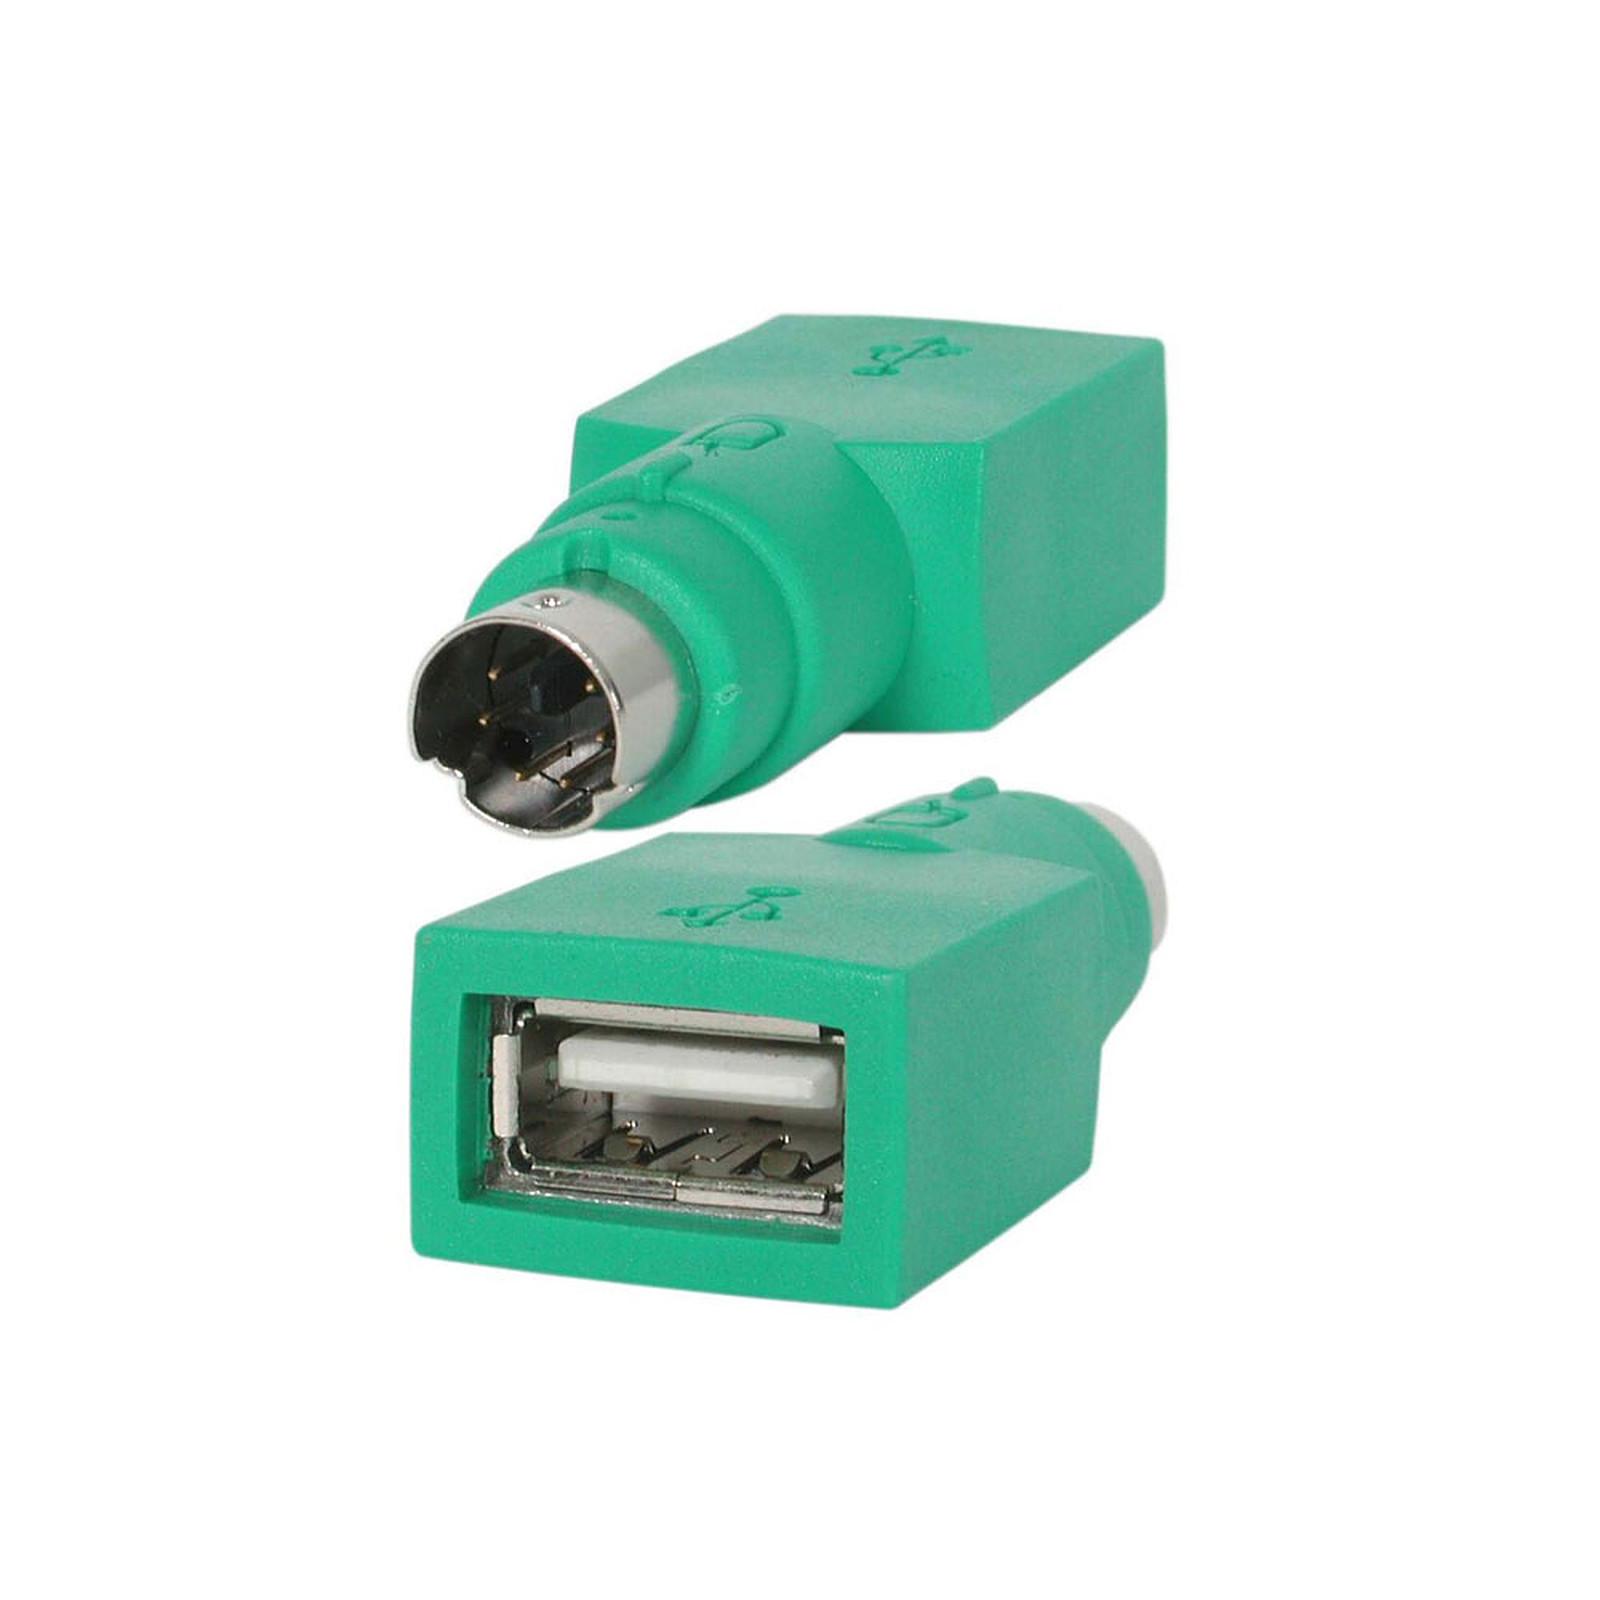 Adaptateur de remplacement PS/2 pour souris USB